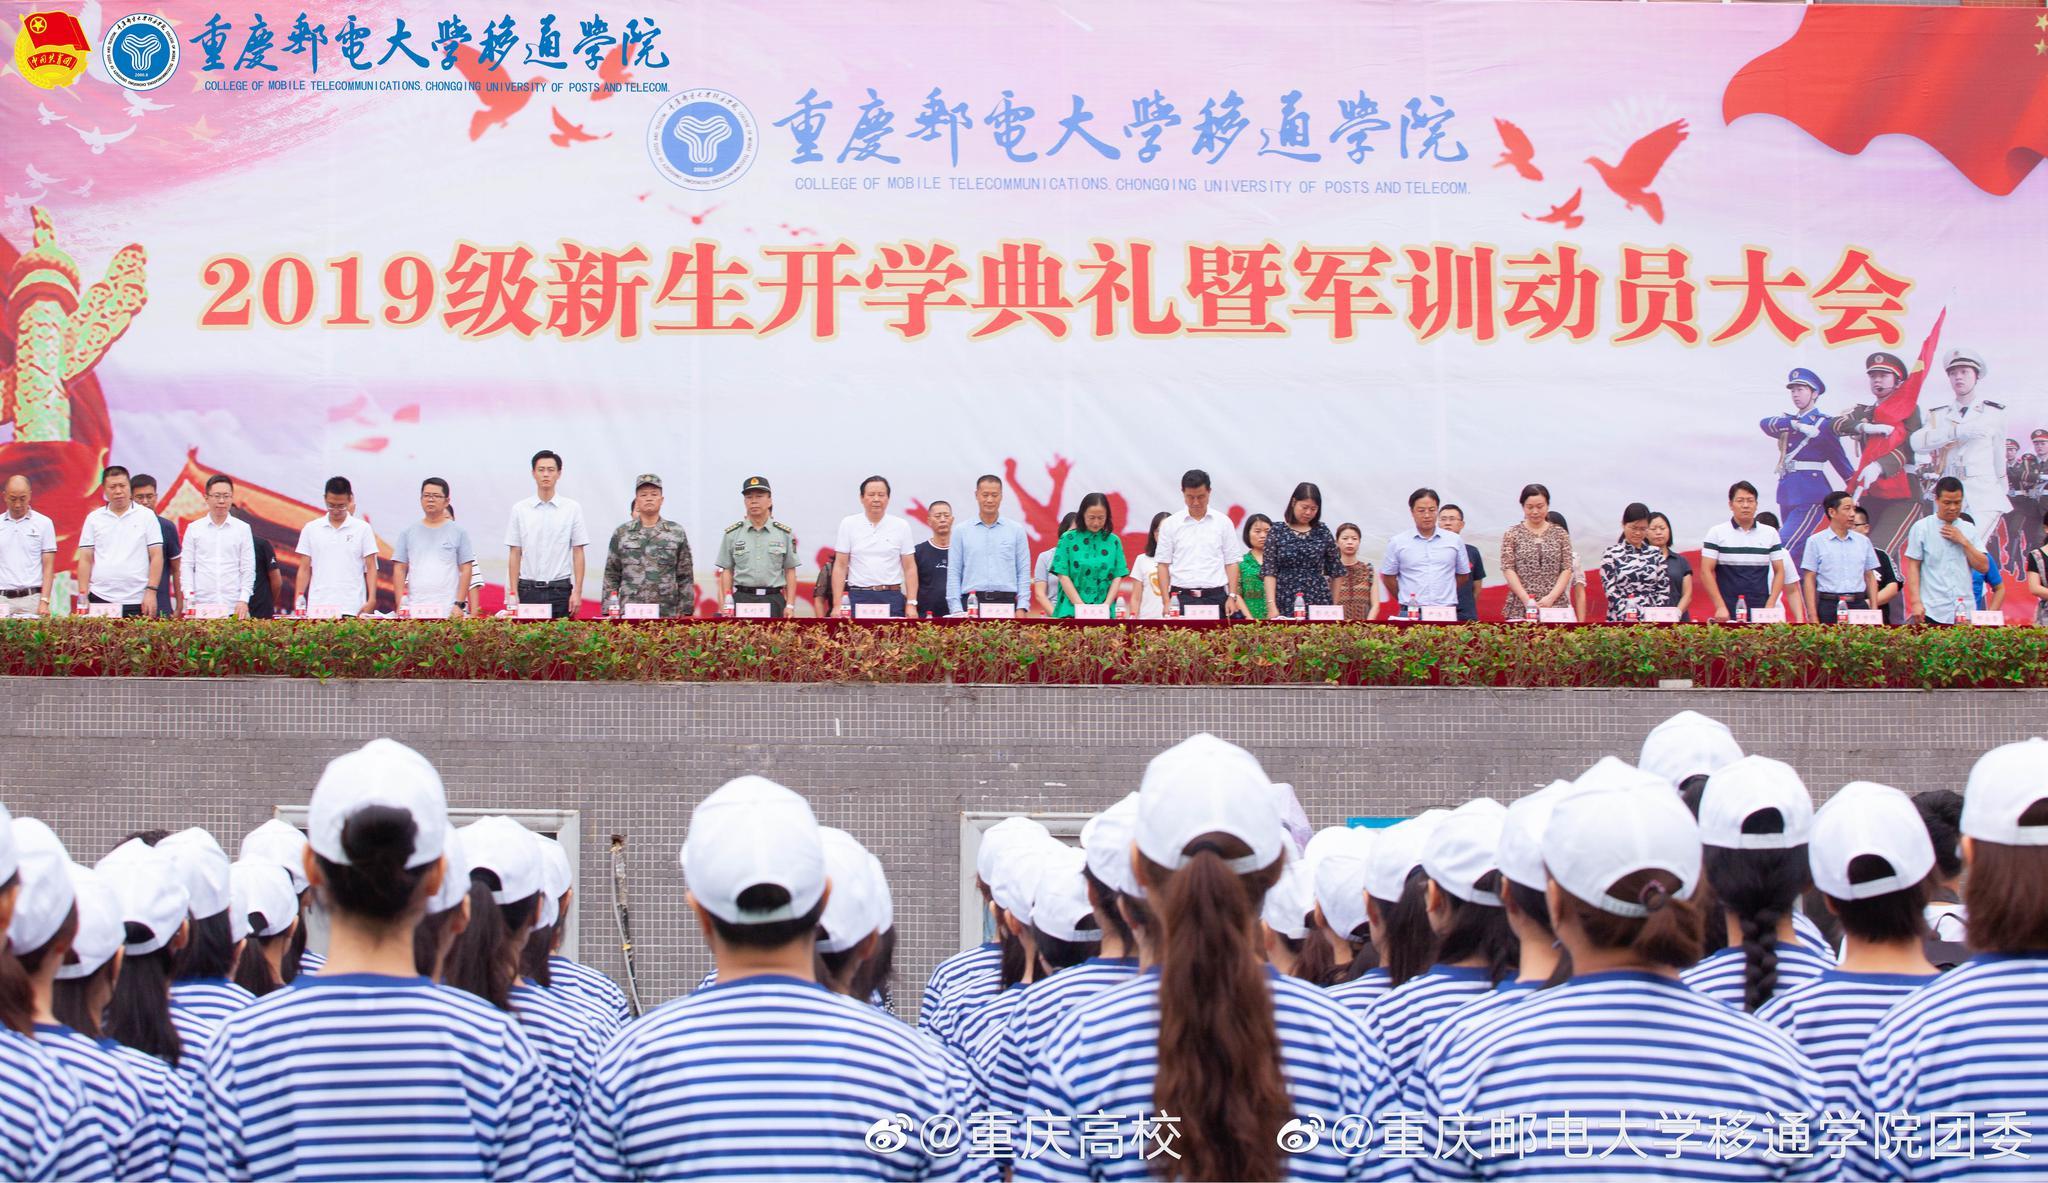 @重庆邮电大学移通学院团委 也开始军训啦